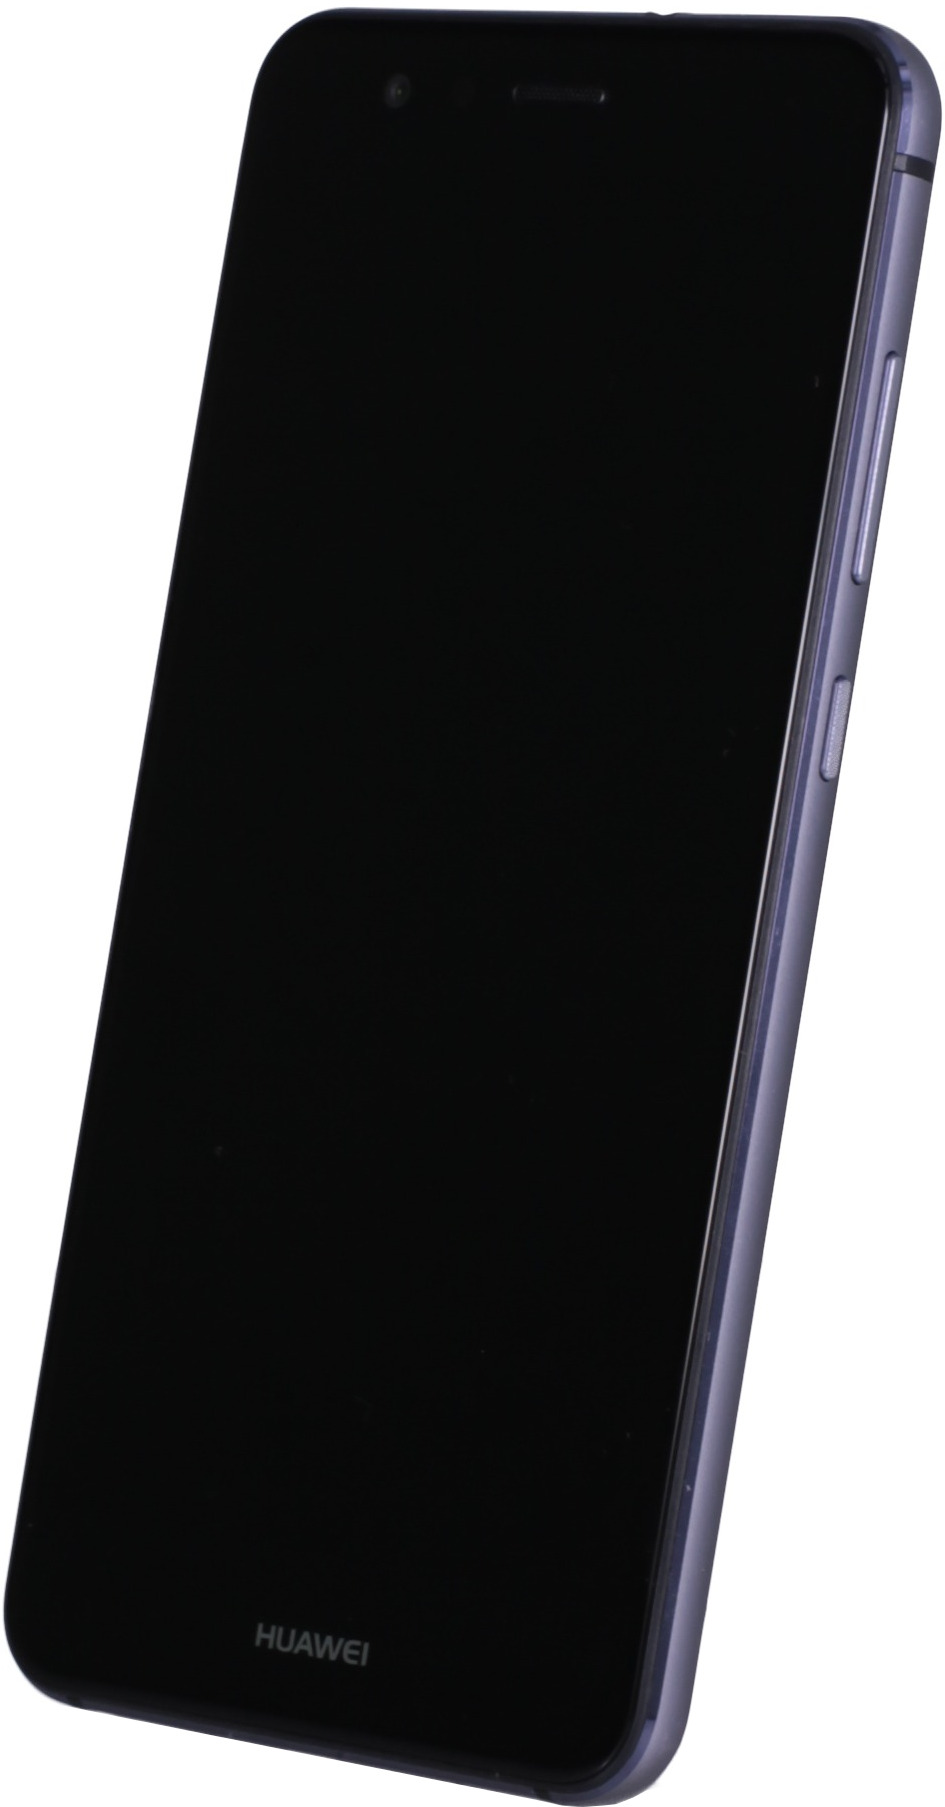 Huawei P10 Lite Dual SIM 32GB graphite black